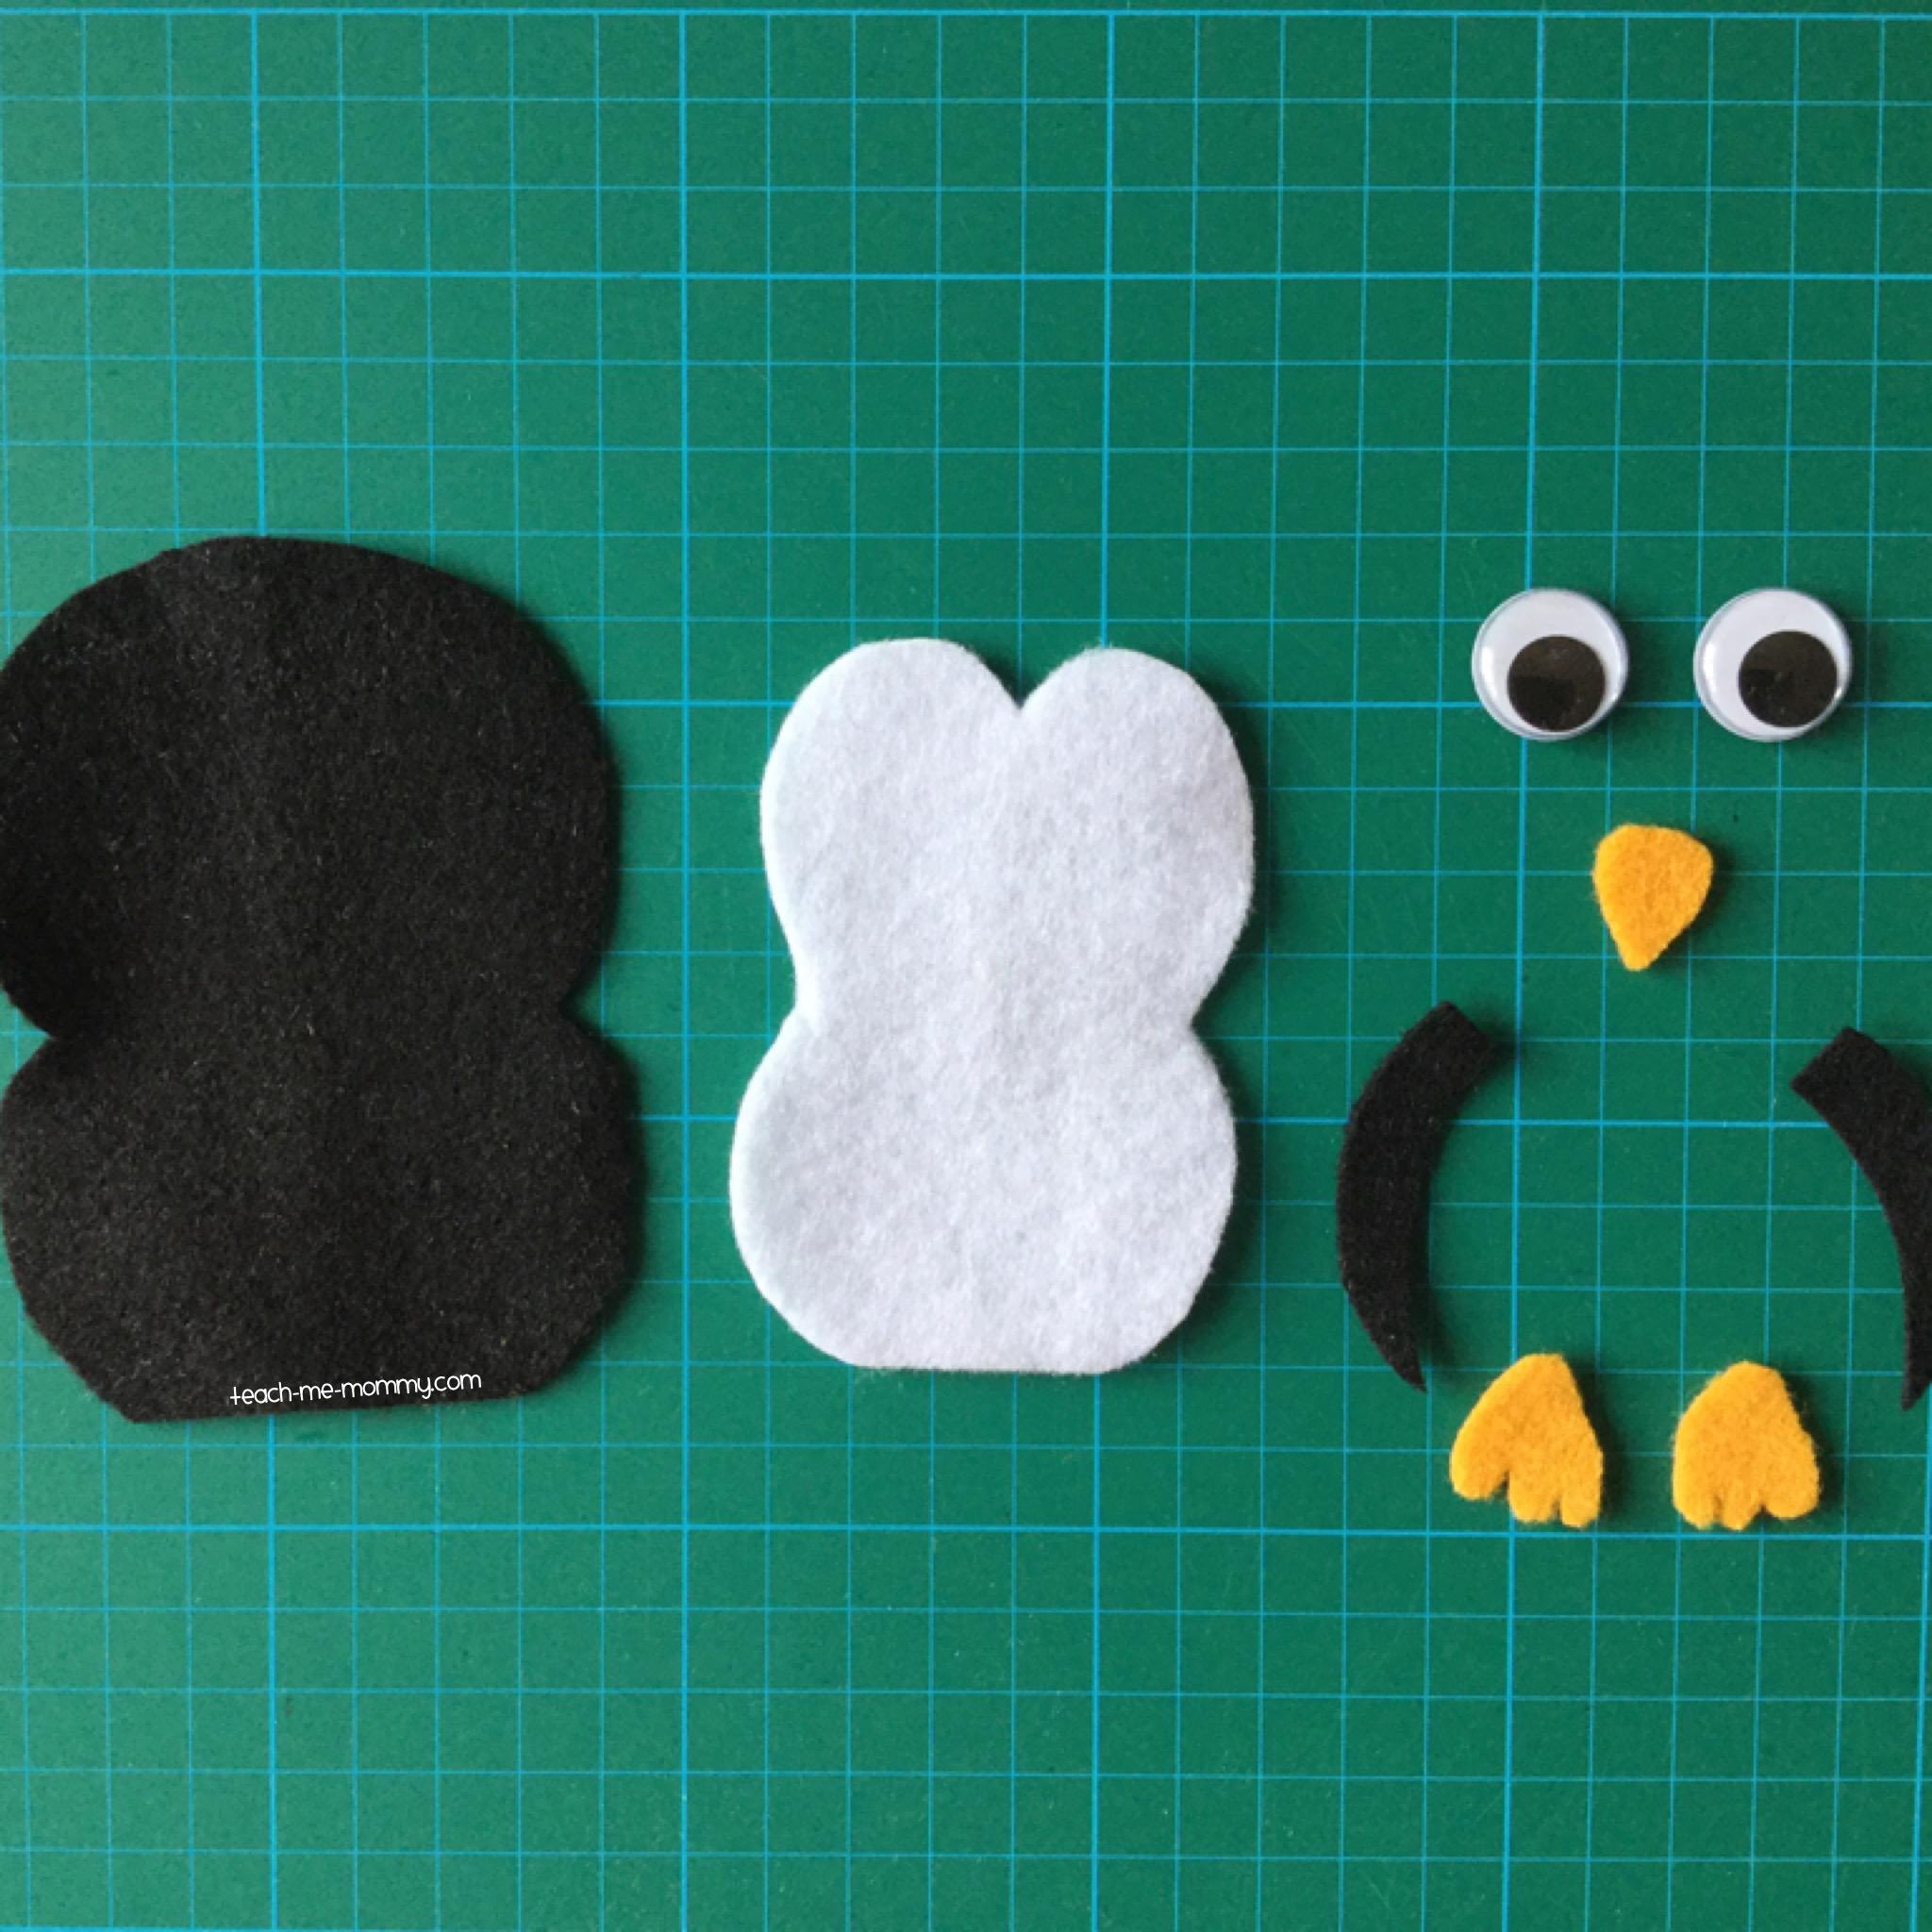 Penguin pieces